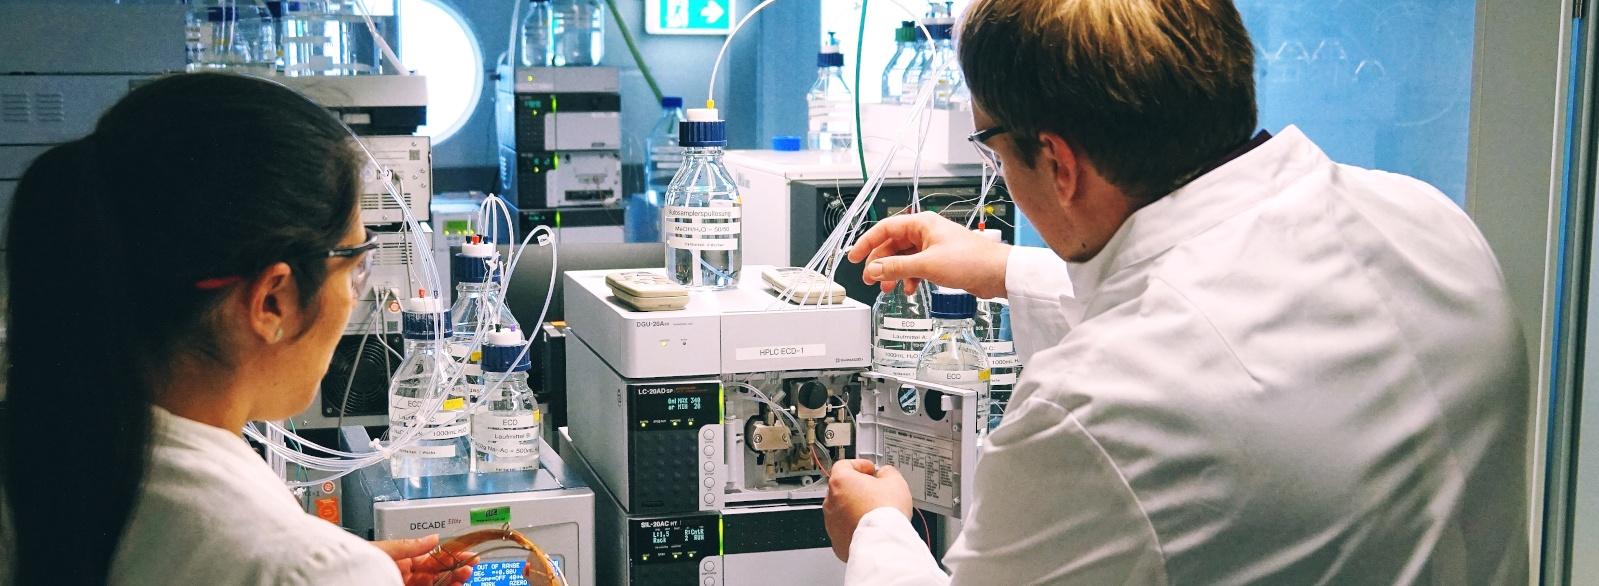 Karriere bei DSI-pharm, Labor für pharmazeutische Analysen